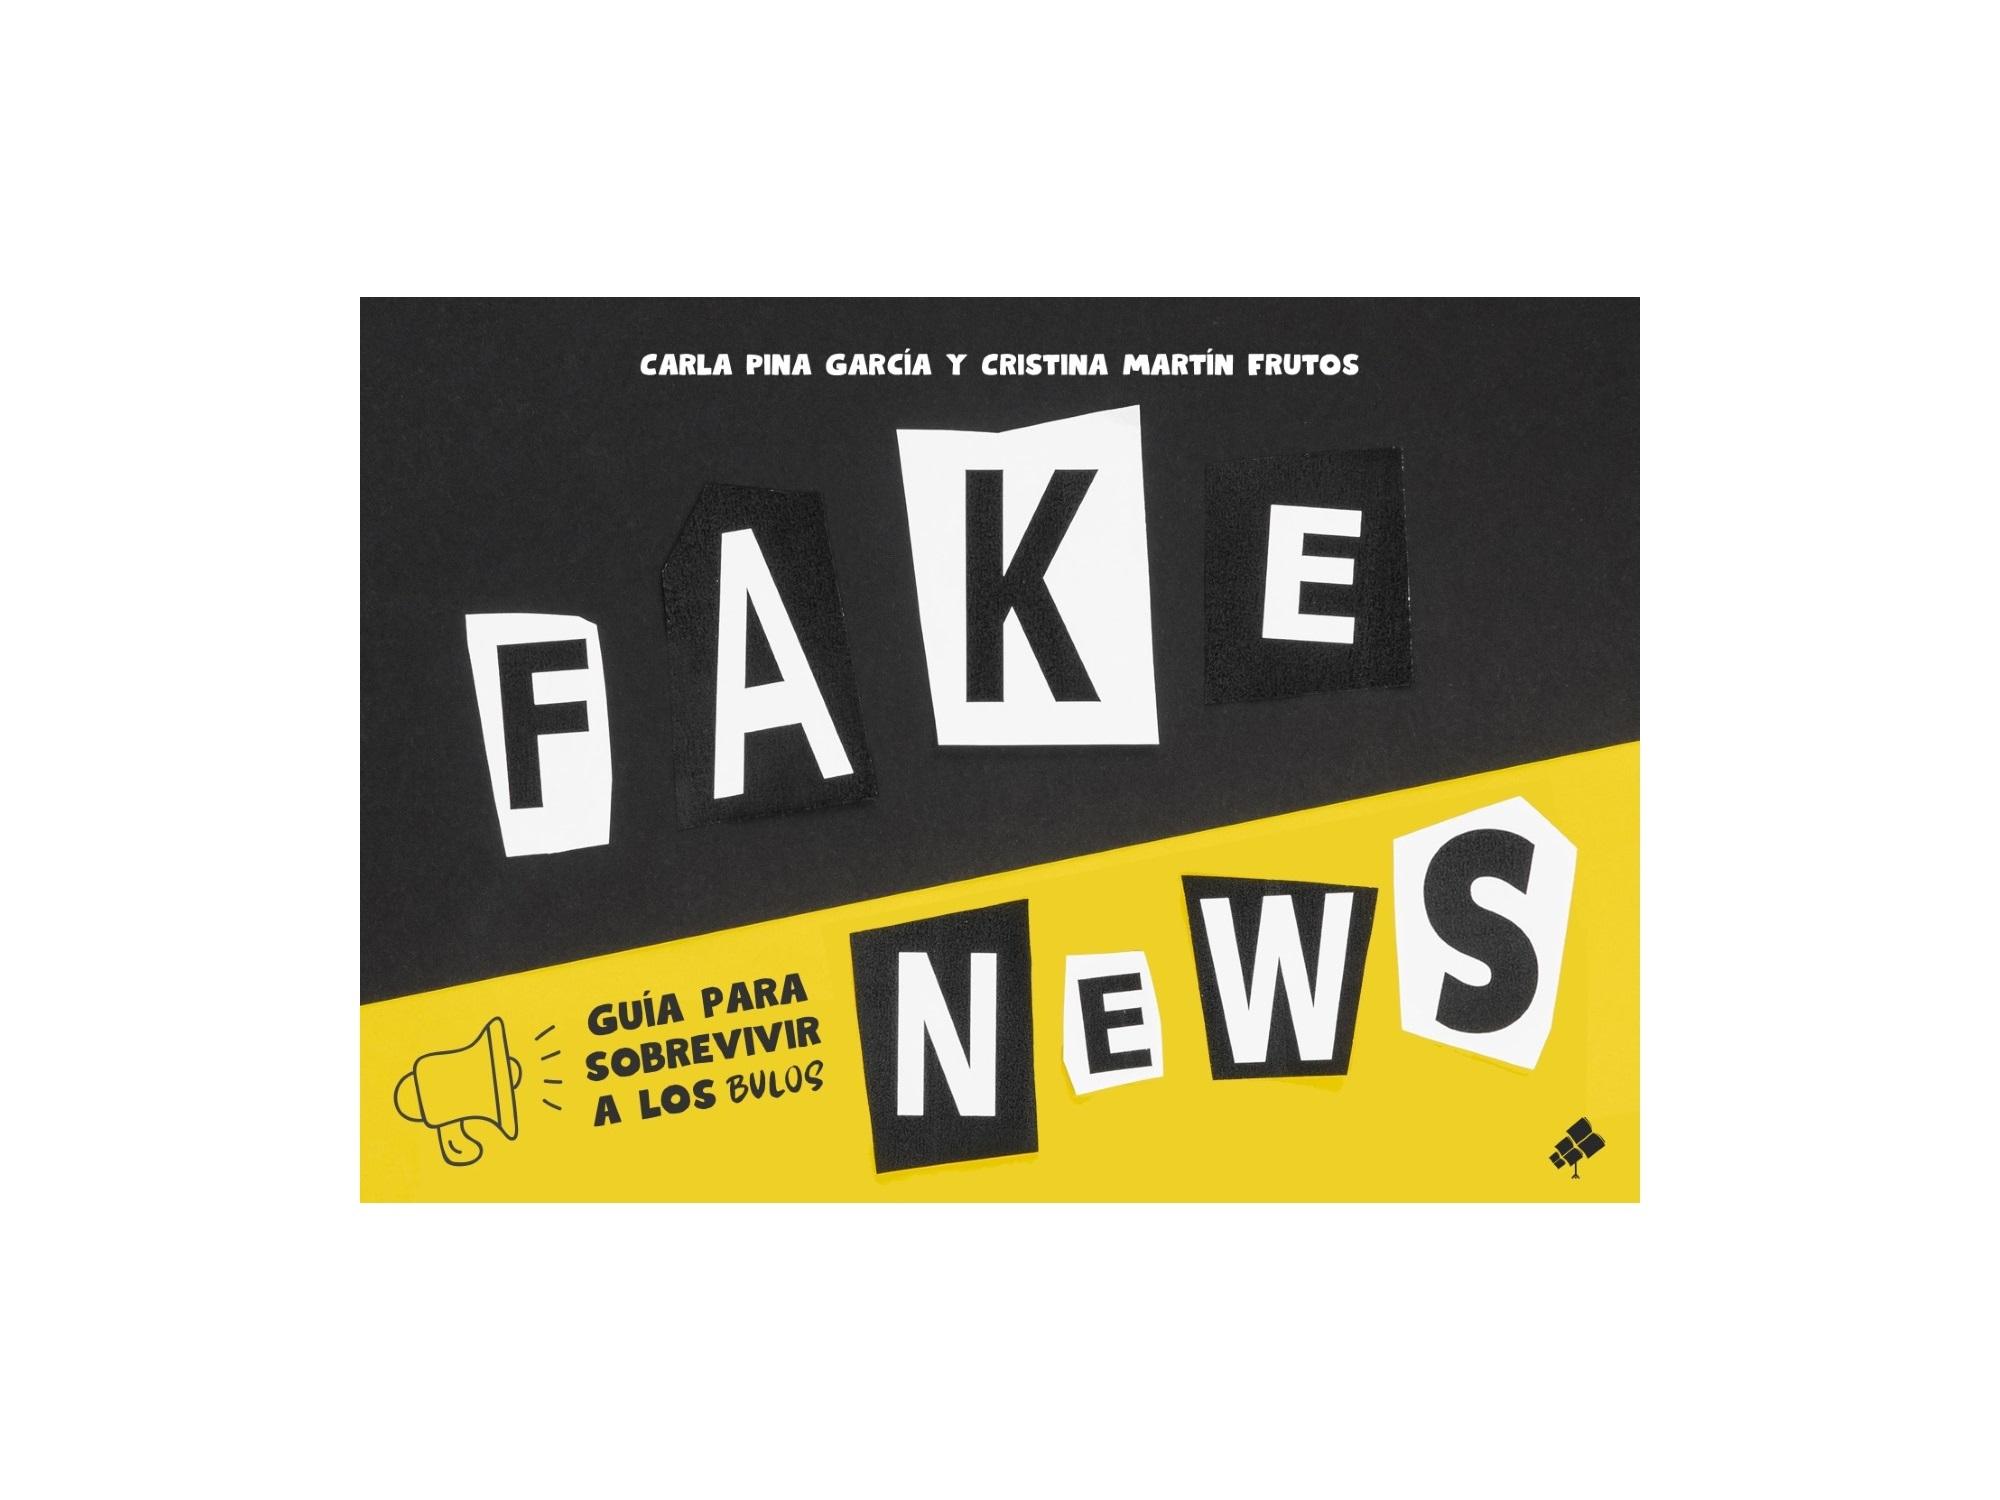 Fake News, 19,99 euros.